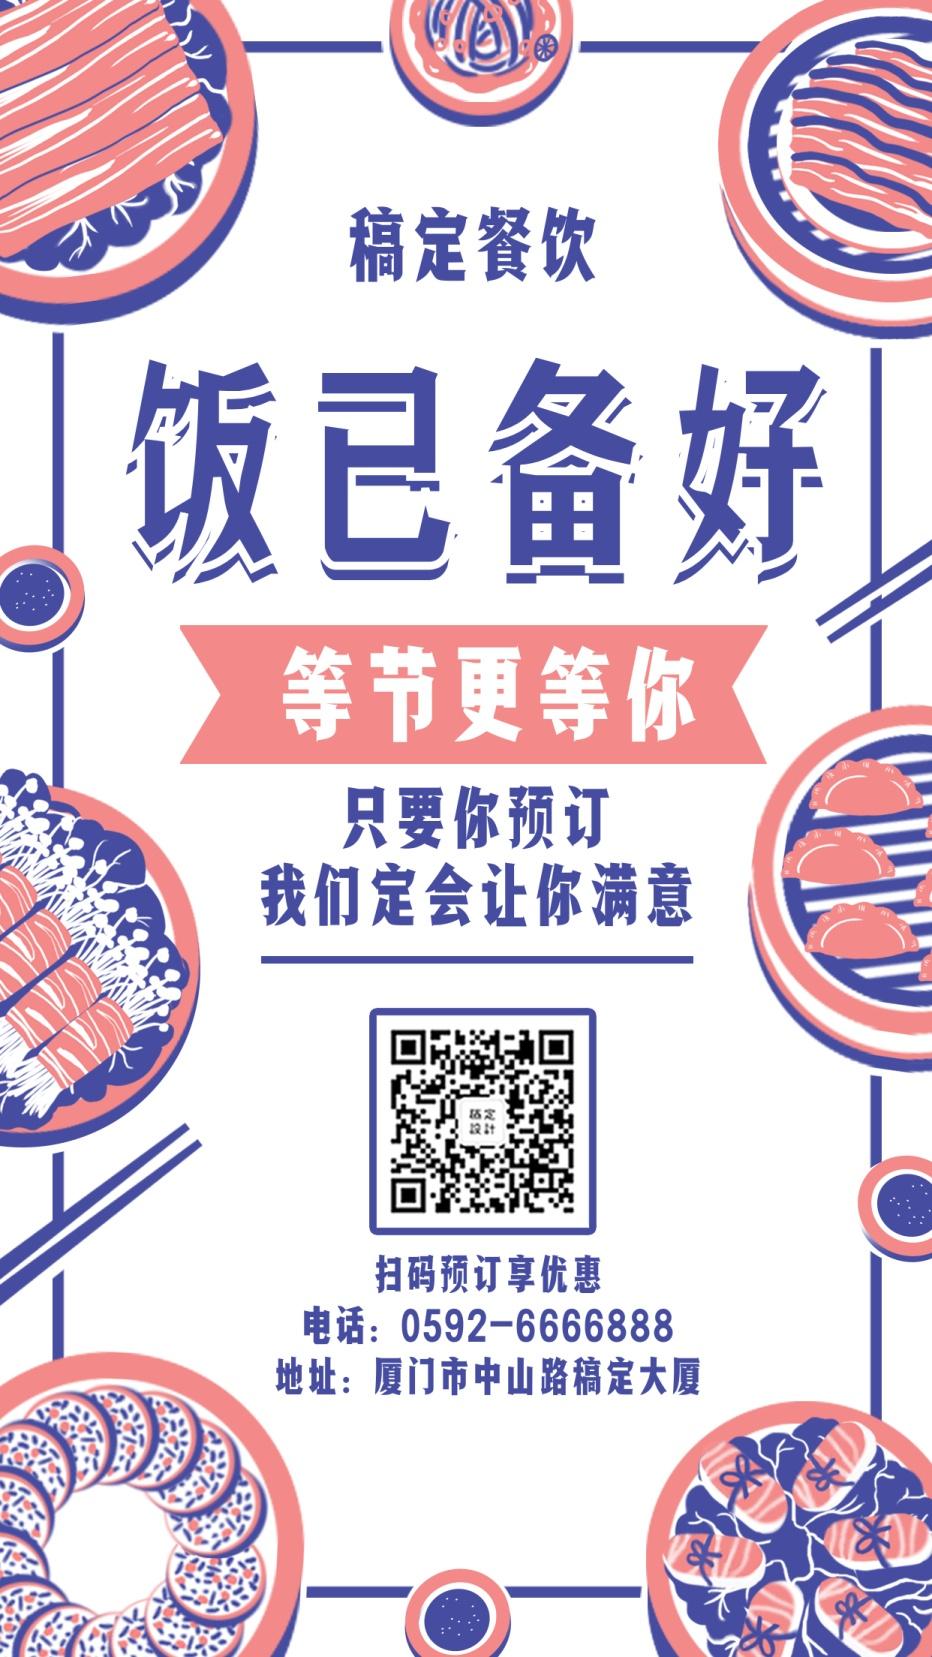 春节年夜饭预订/餐饮美食/创意喜庆/手机海报